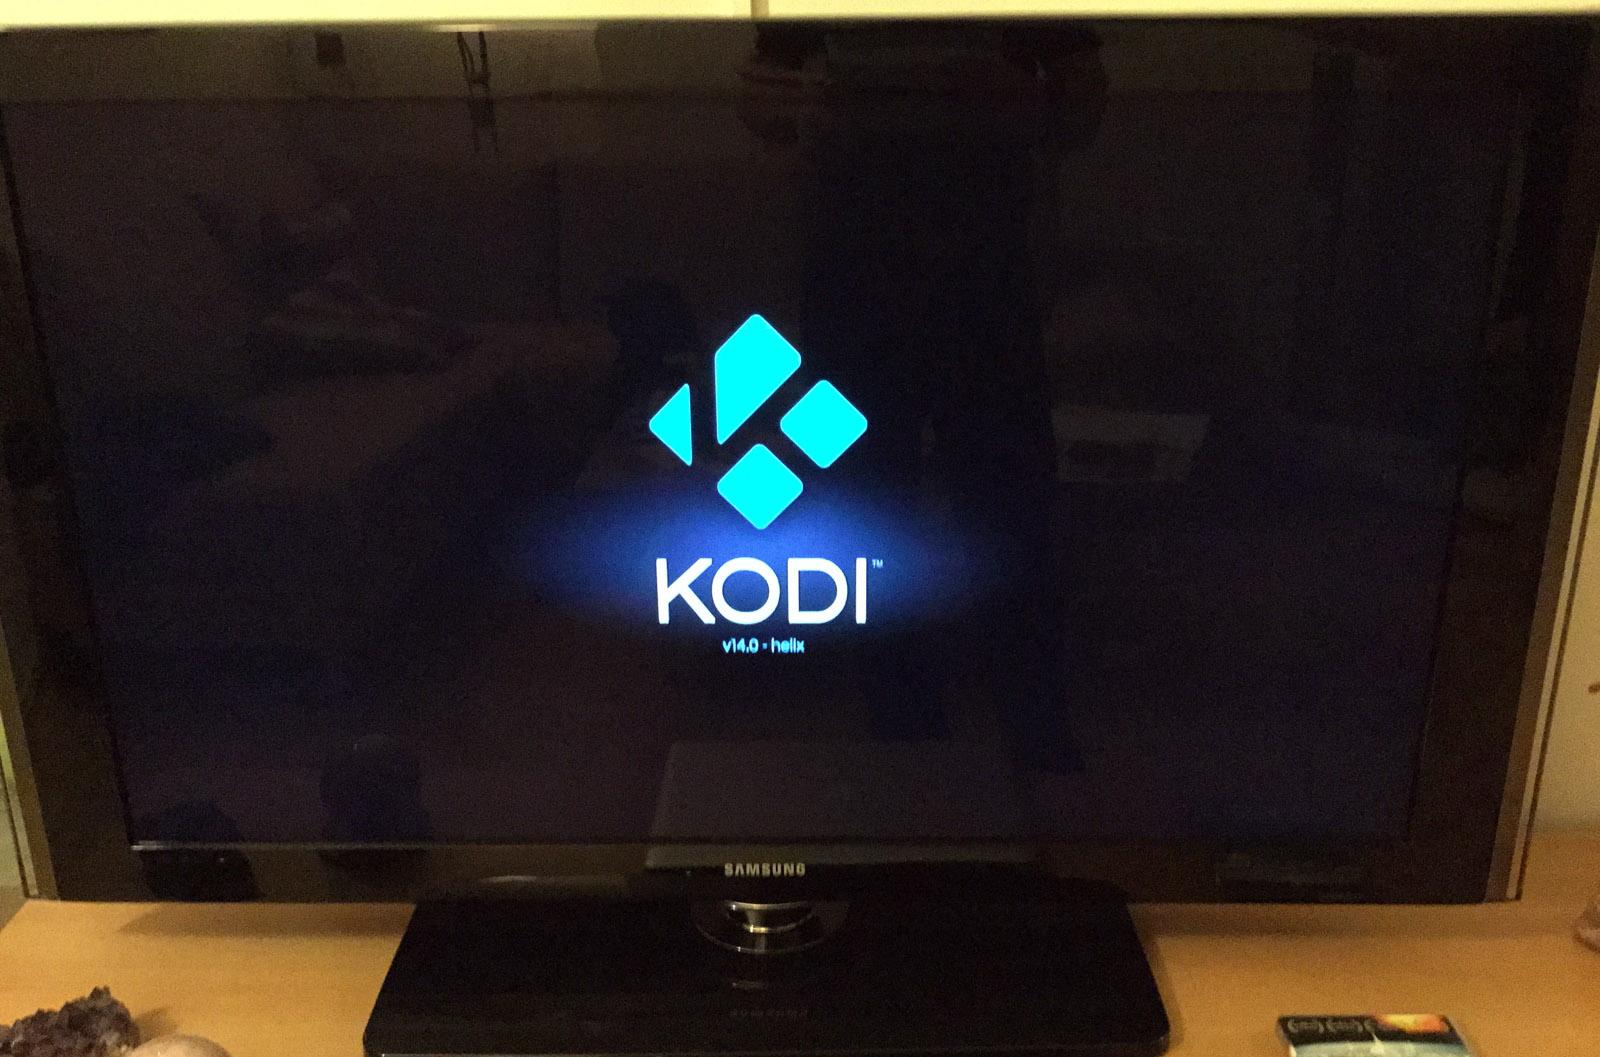 Apple TV 2 und KODI (vormals XBMC)